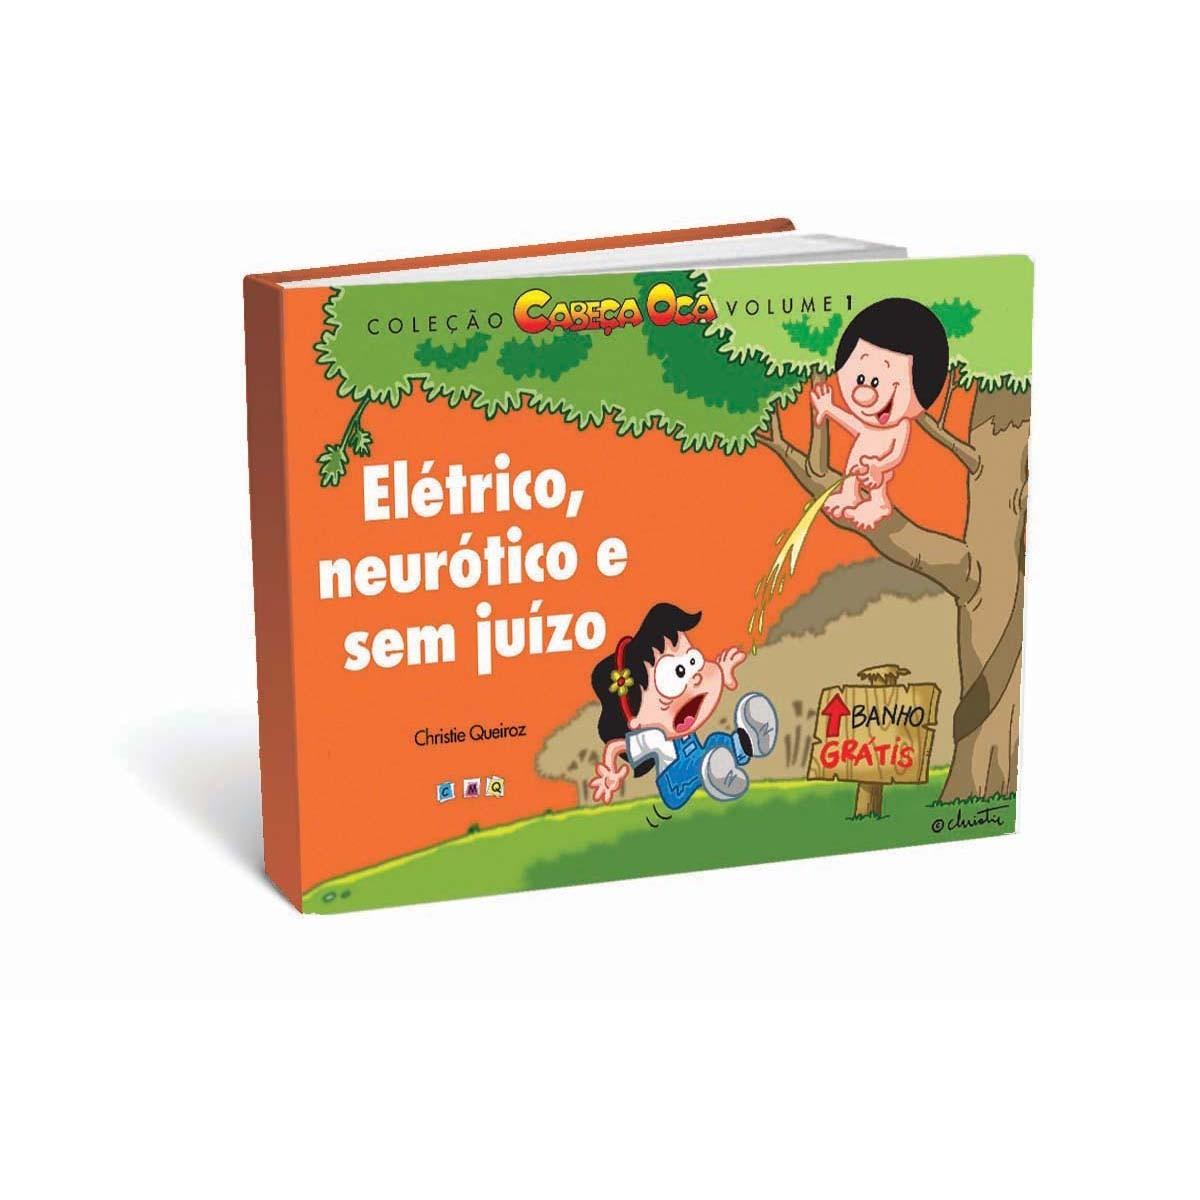 Elétrico, Neurótico e Sem Juízo - Coleção Cabeça Oca volume 1